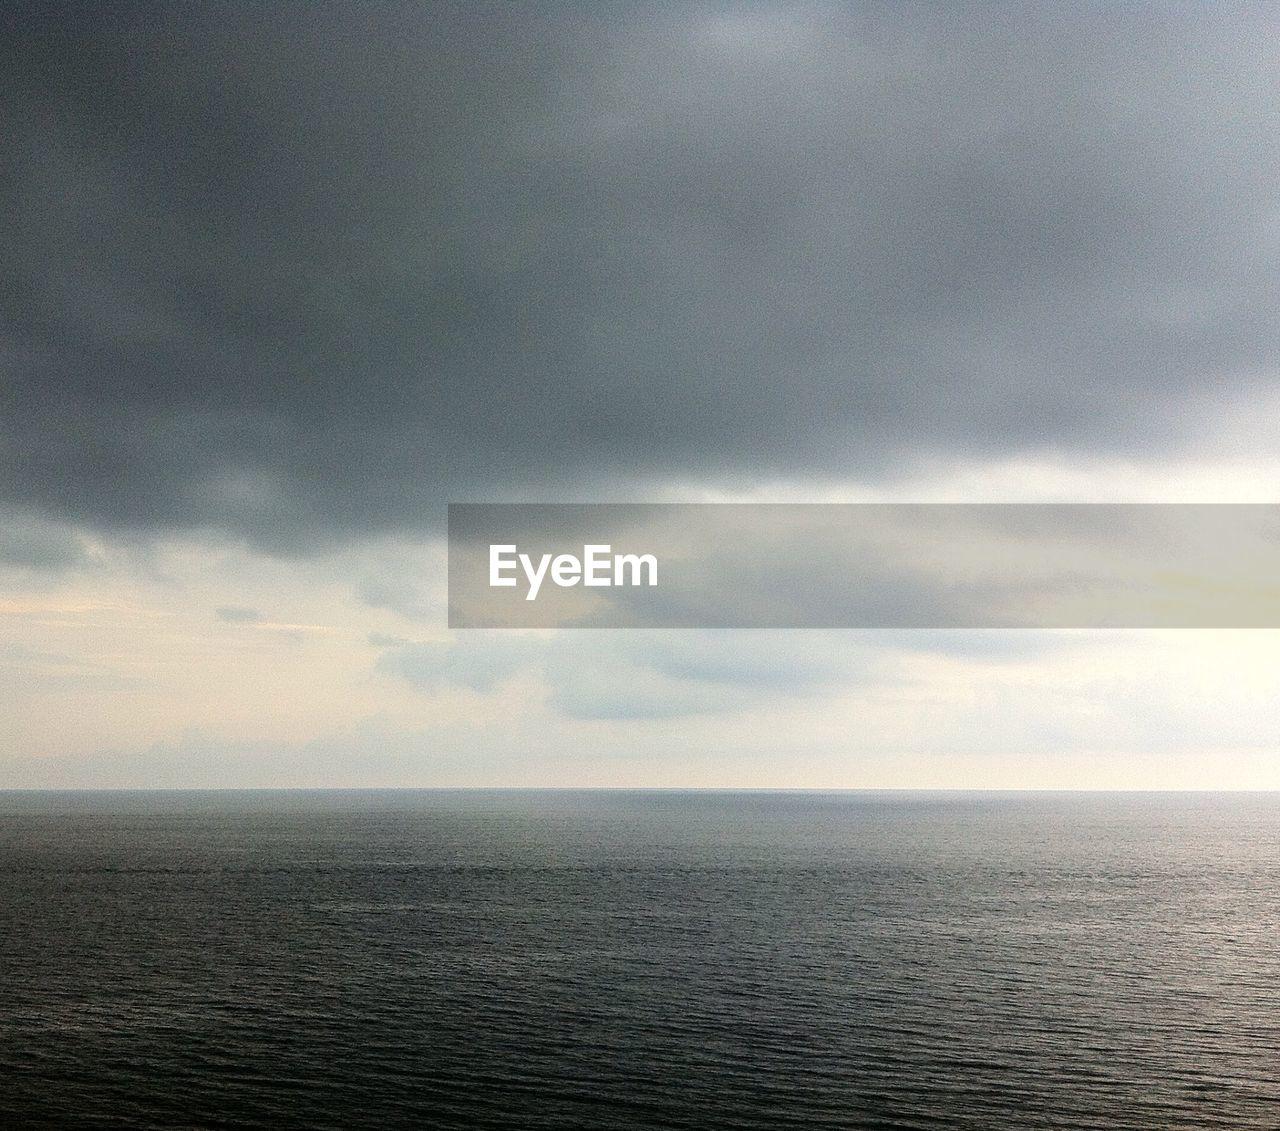 Calm sea against cloudy sky